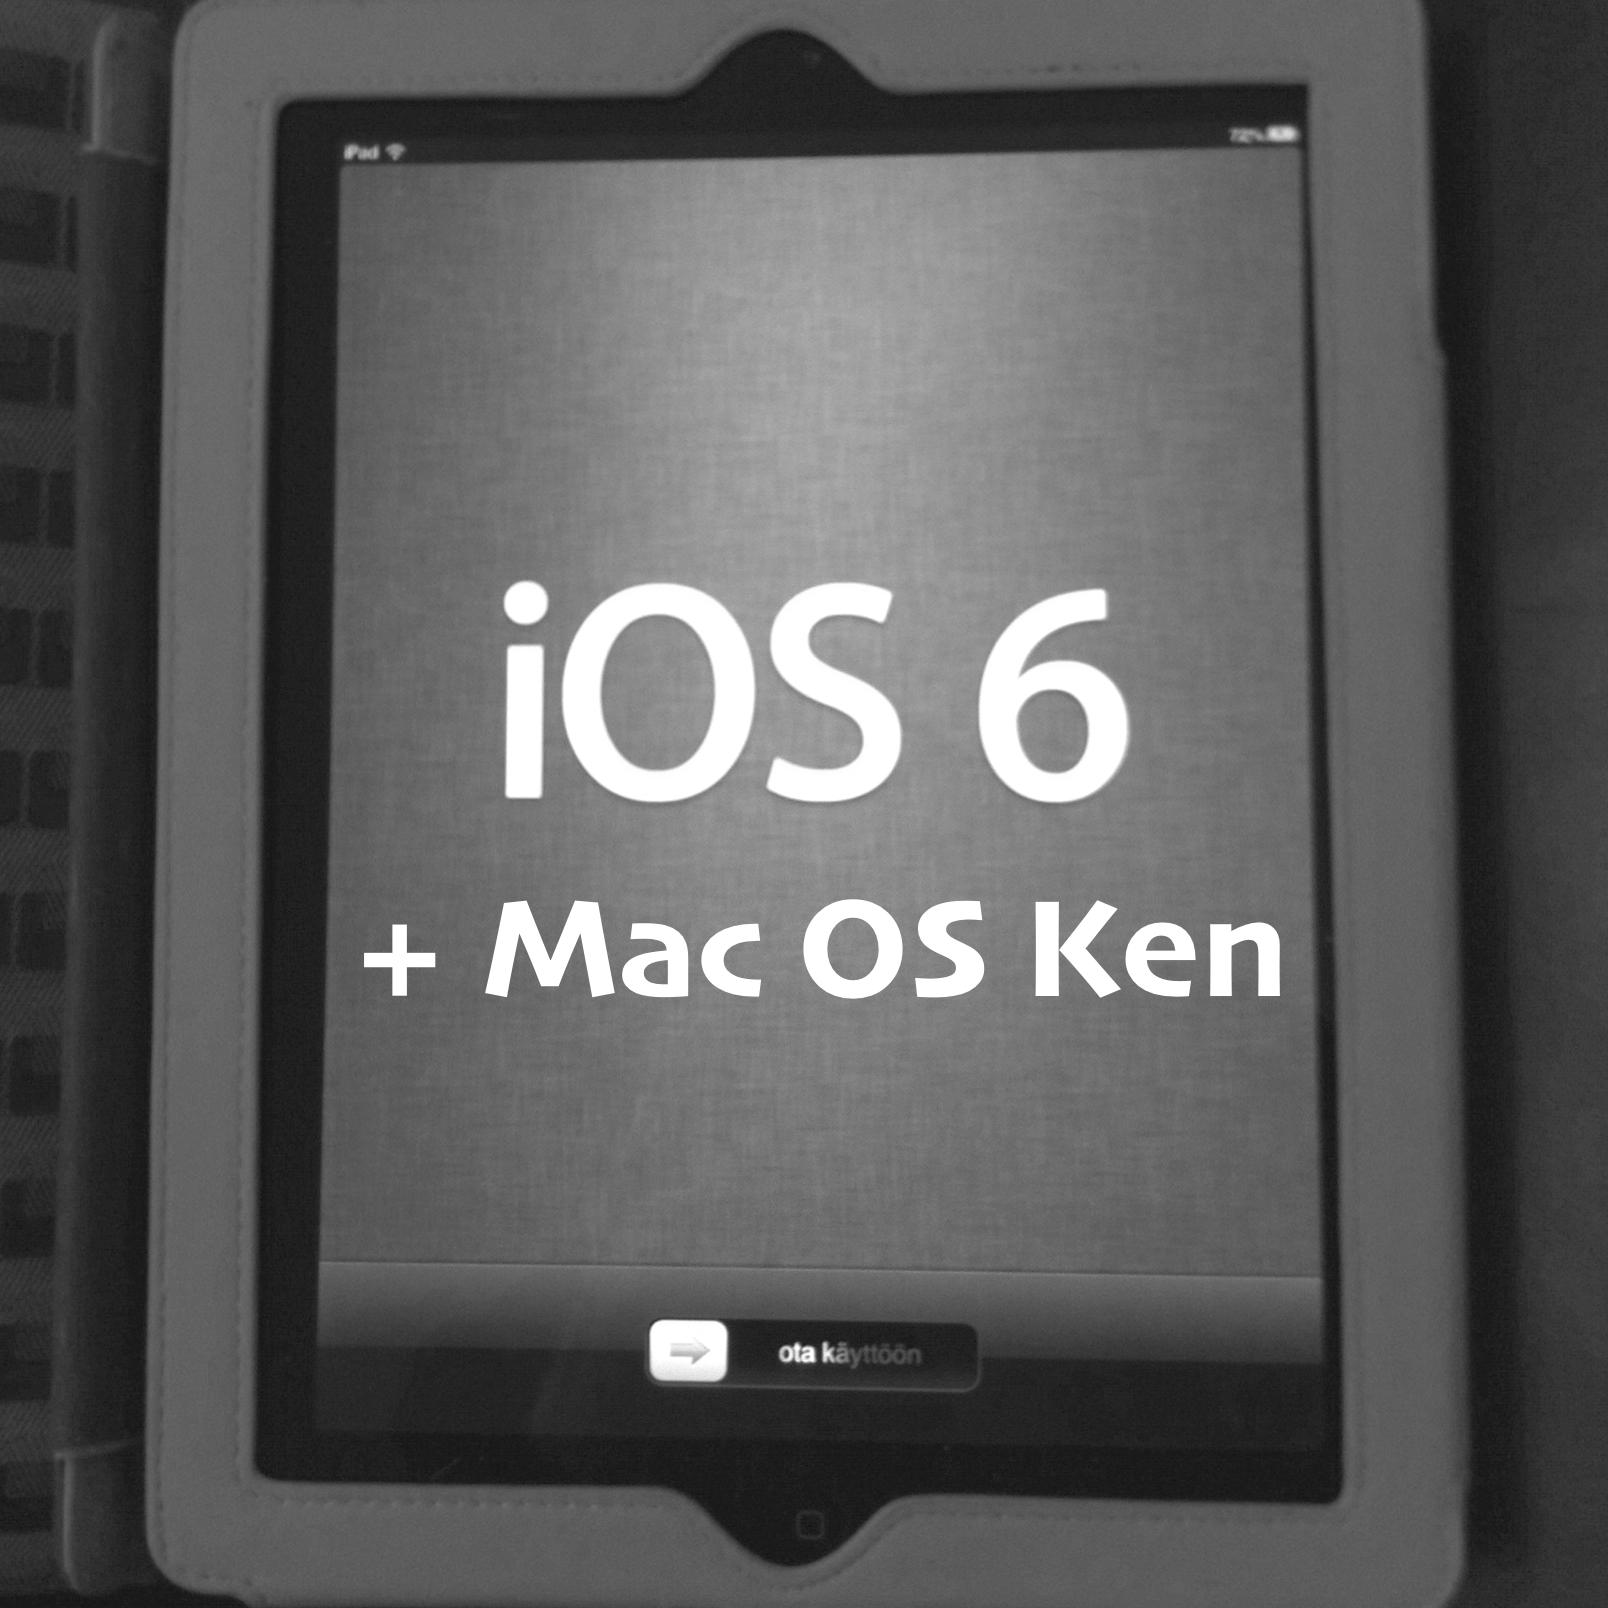 Mac OS Ken: 09.20.2012